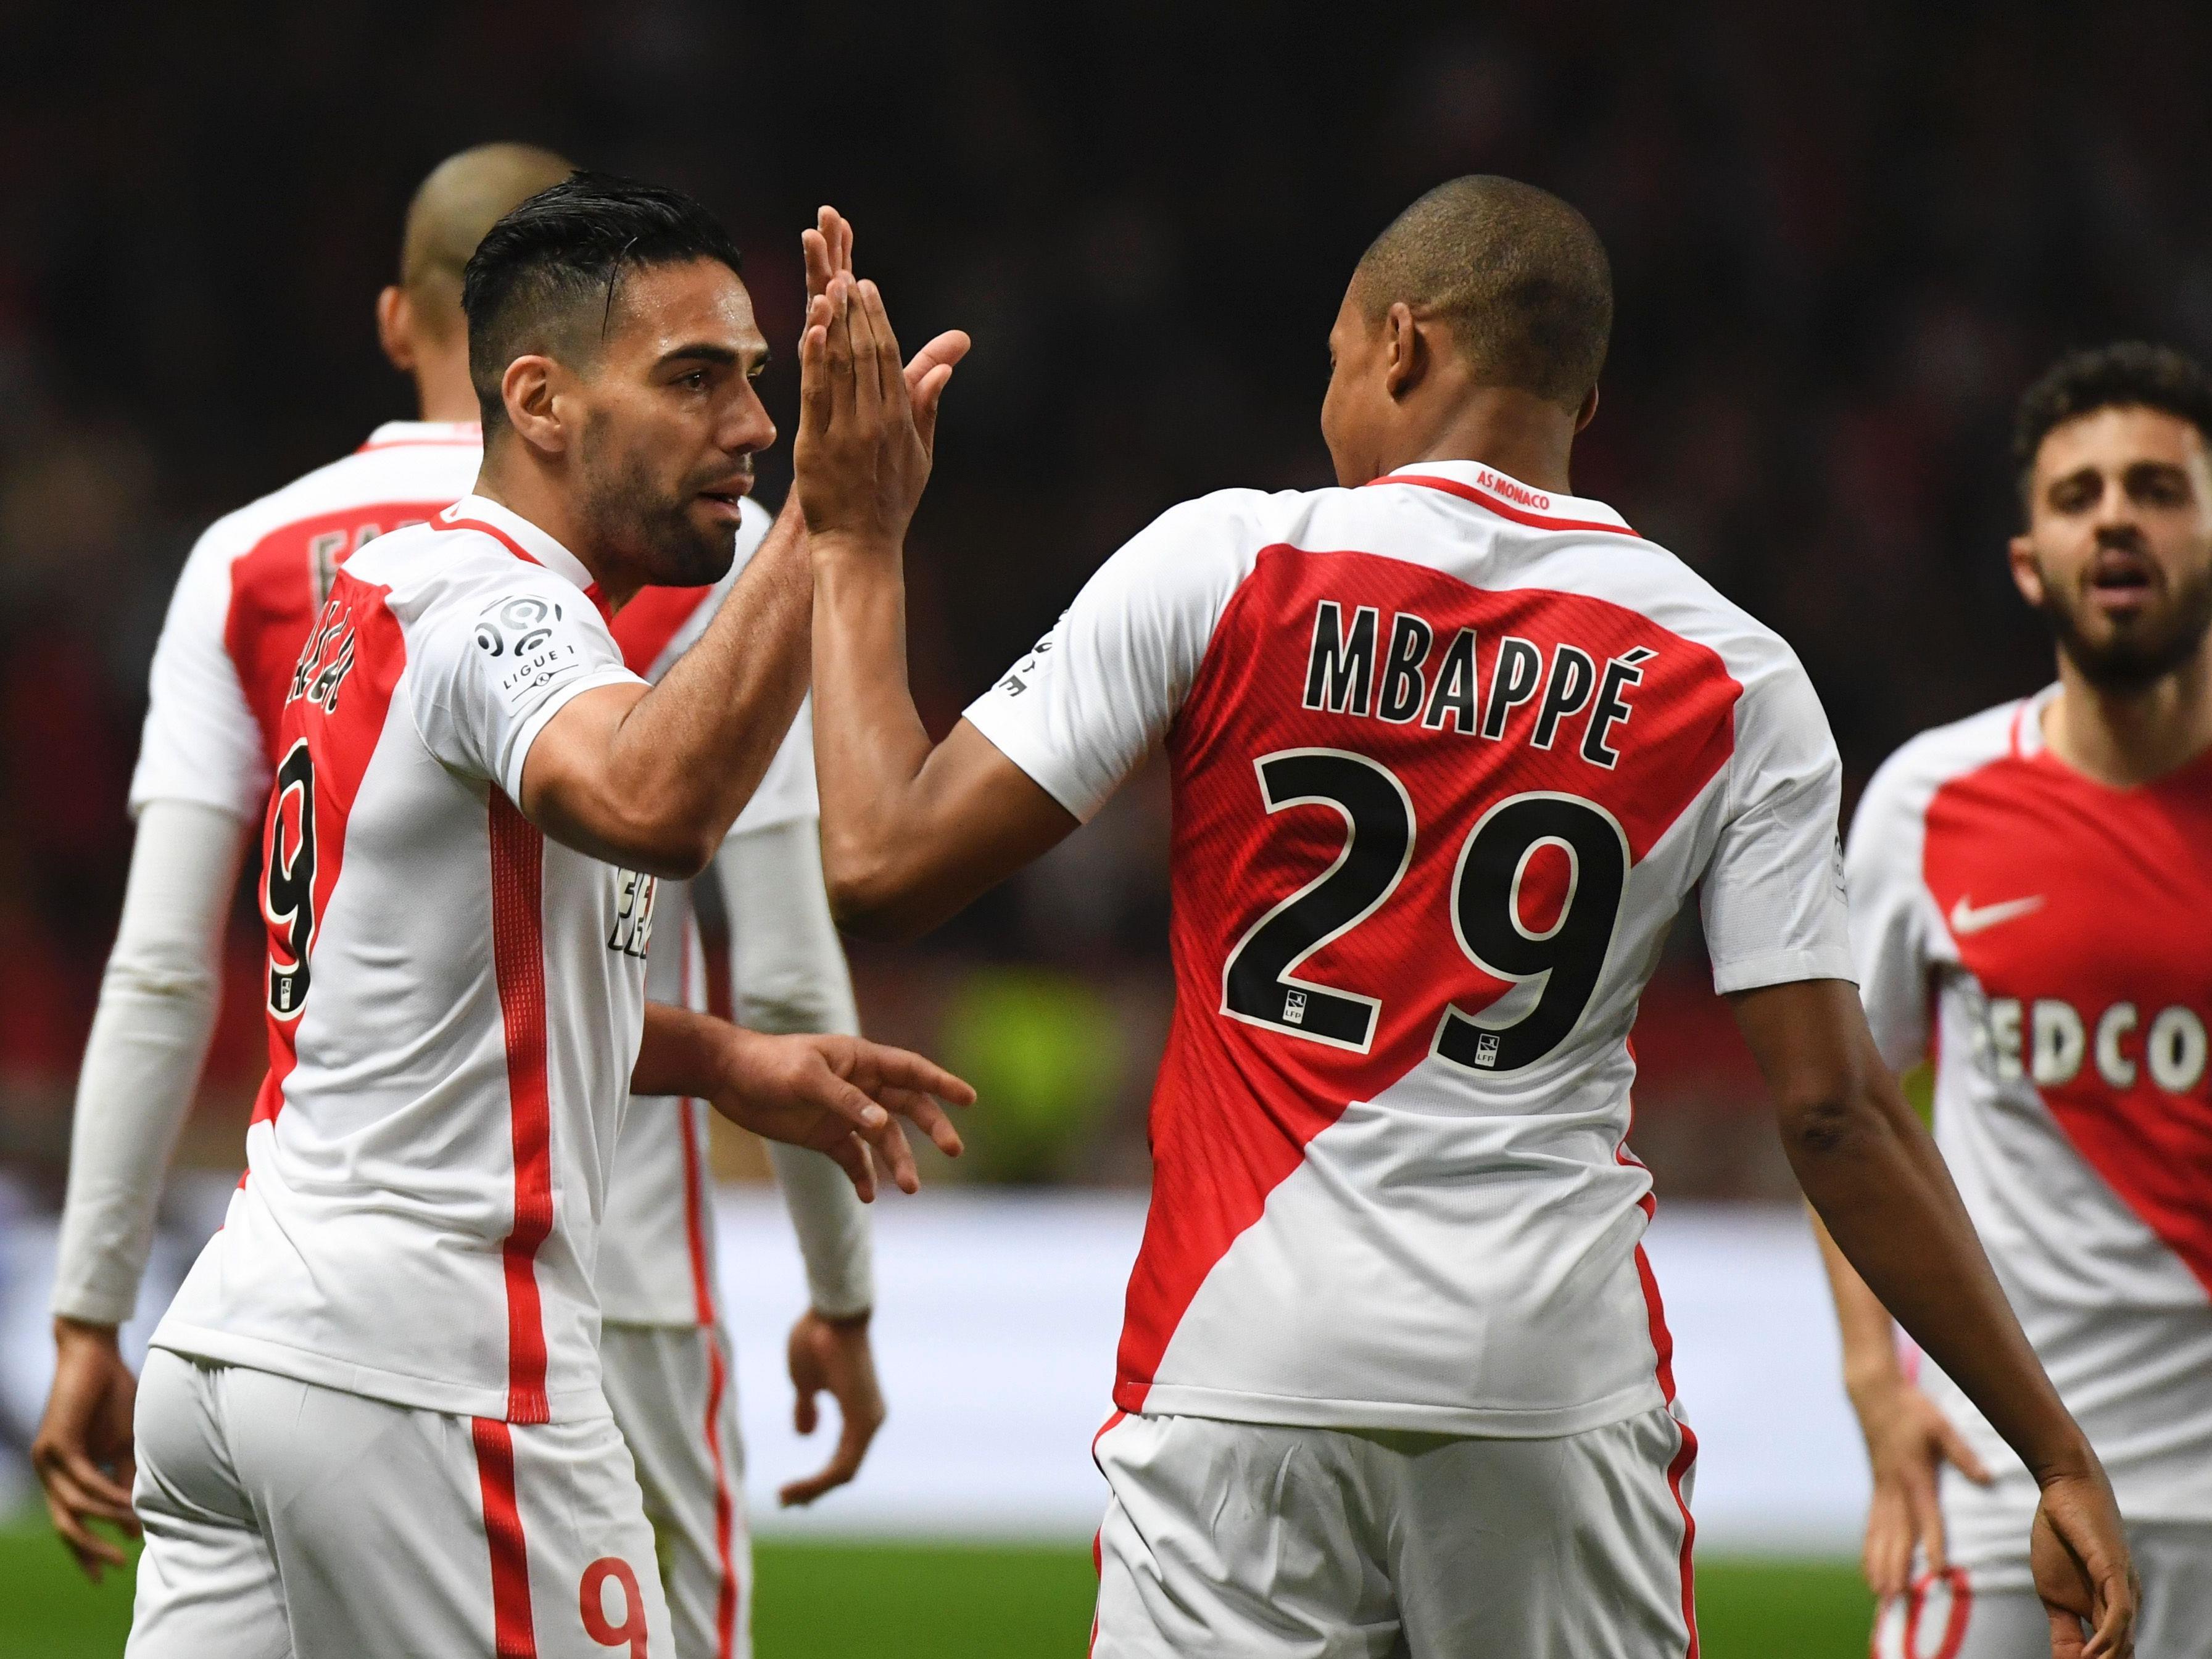 Superstars wie Radamel Falcao, Kylian Mbappe oder Joao Moutinho könnten im Allianz Stadion zu sehen sein.